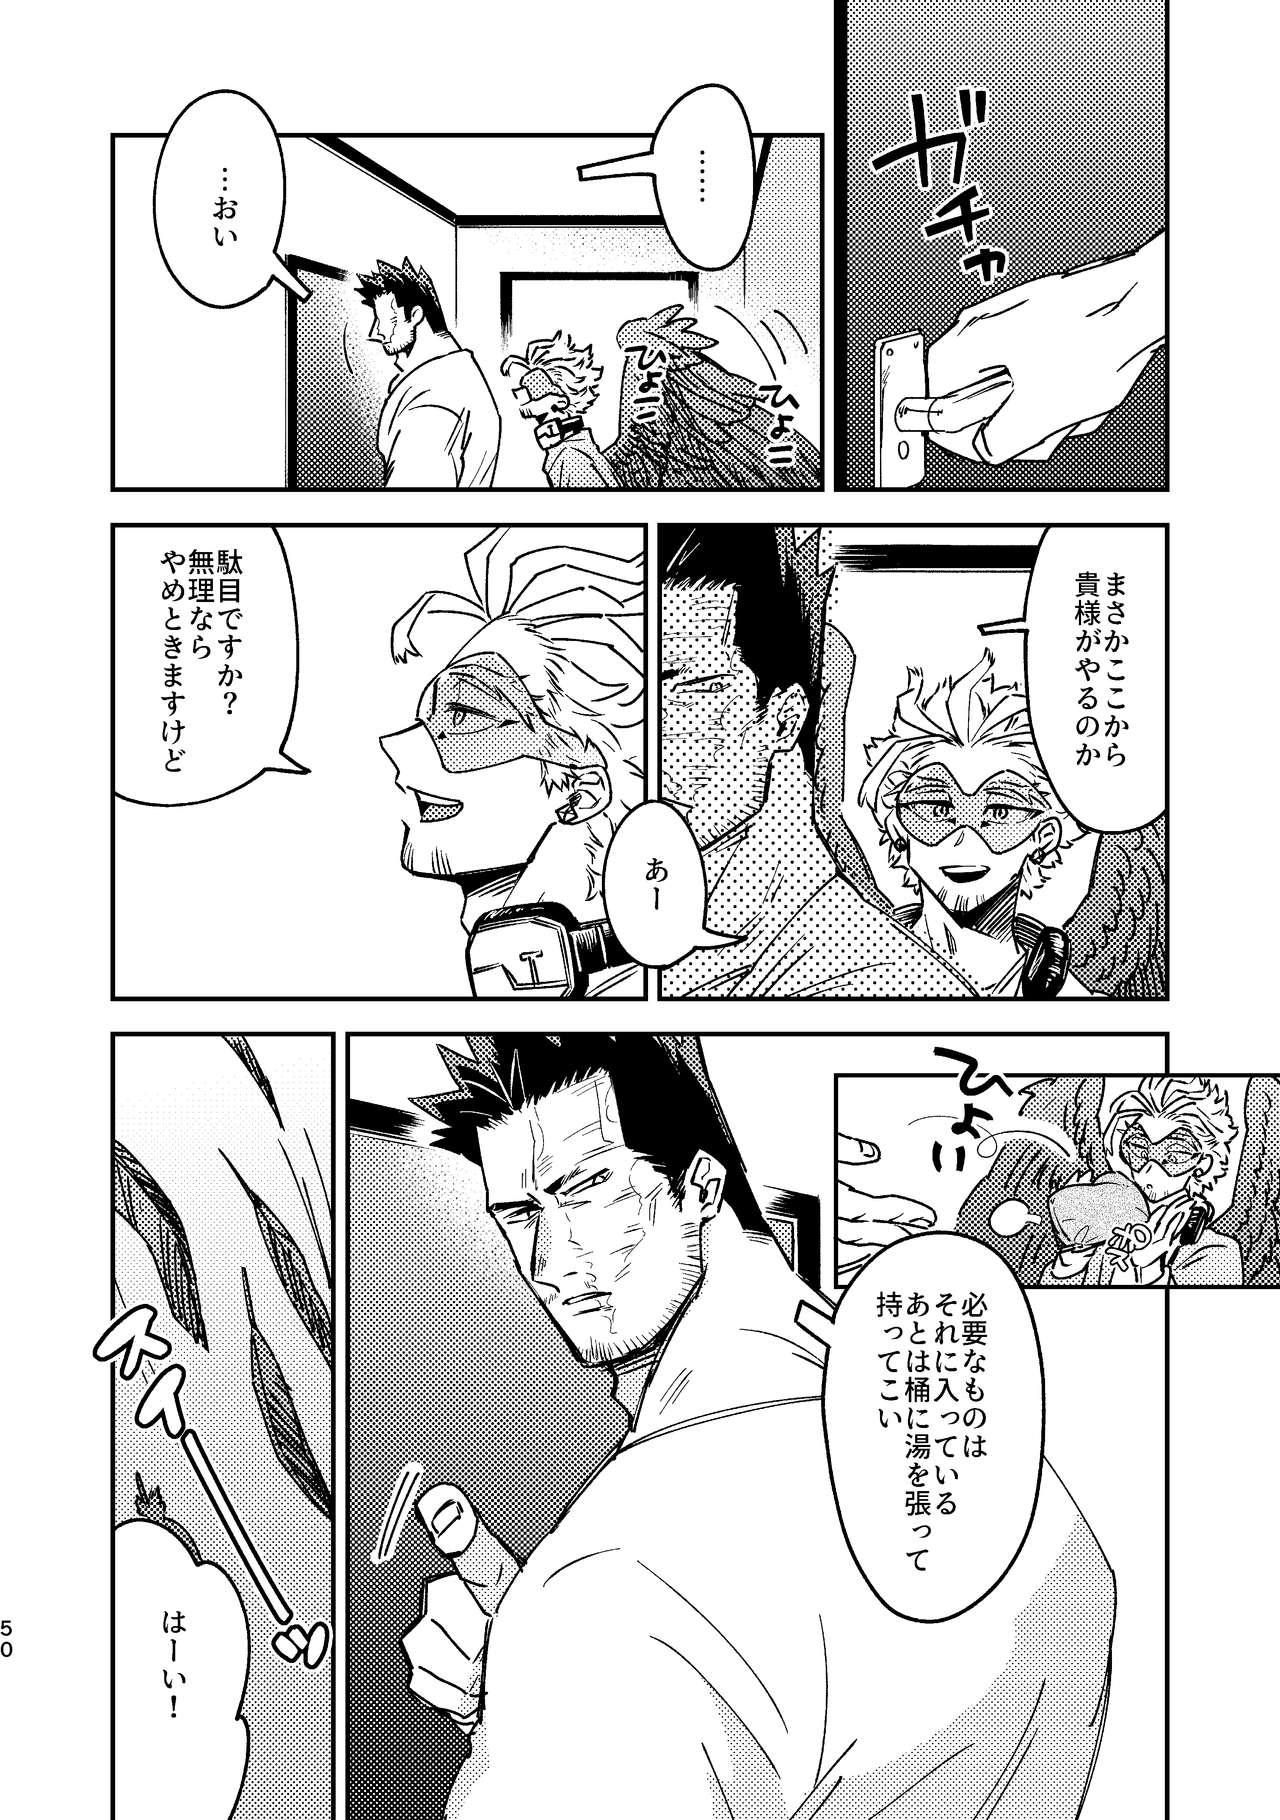 WEB Sairoku Zumi HawEn Manga ga Kami demo Yomeru Hon. 49